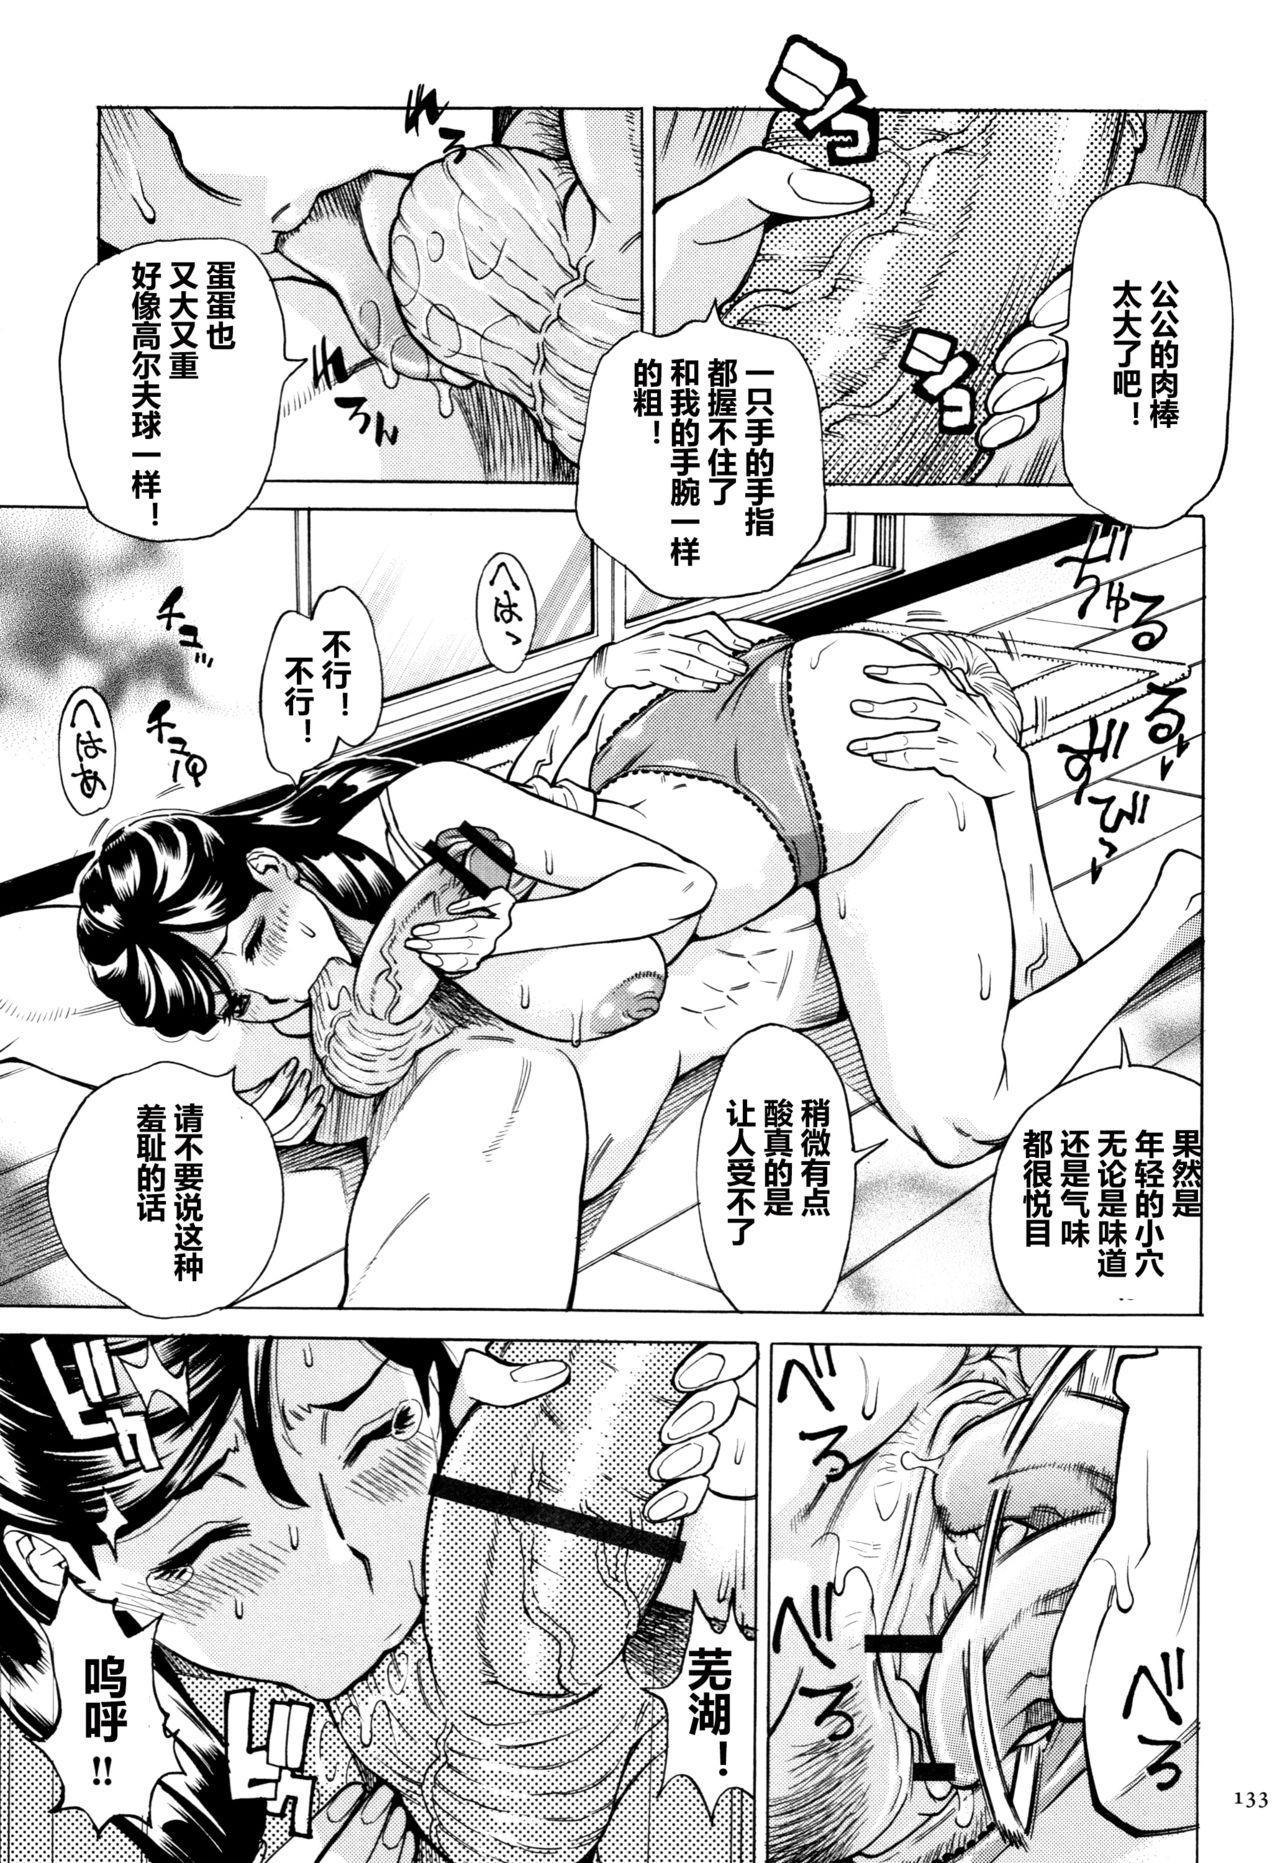 Oba-san dakedo, Daite Hoshii. 133